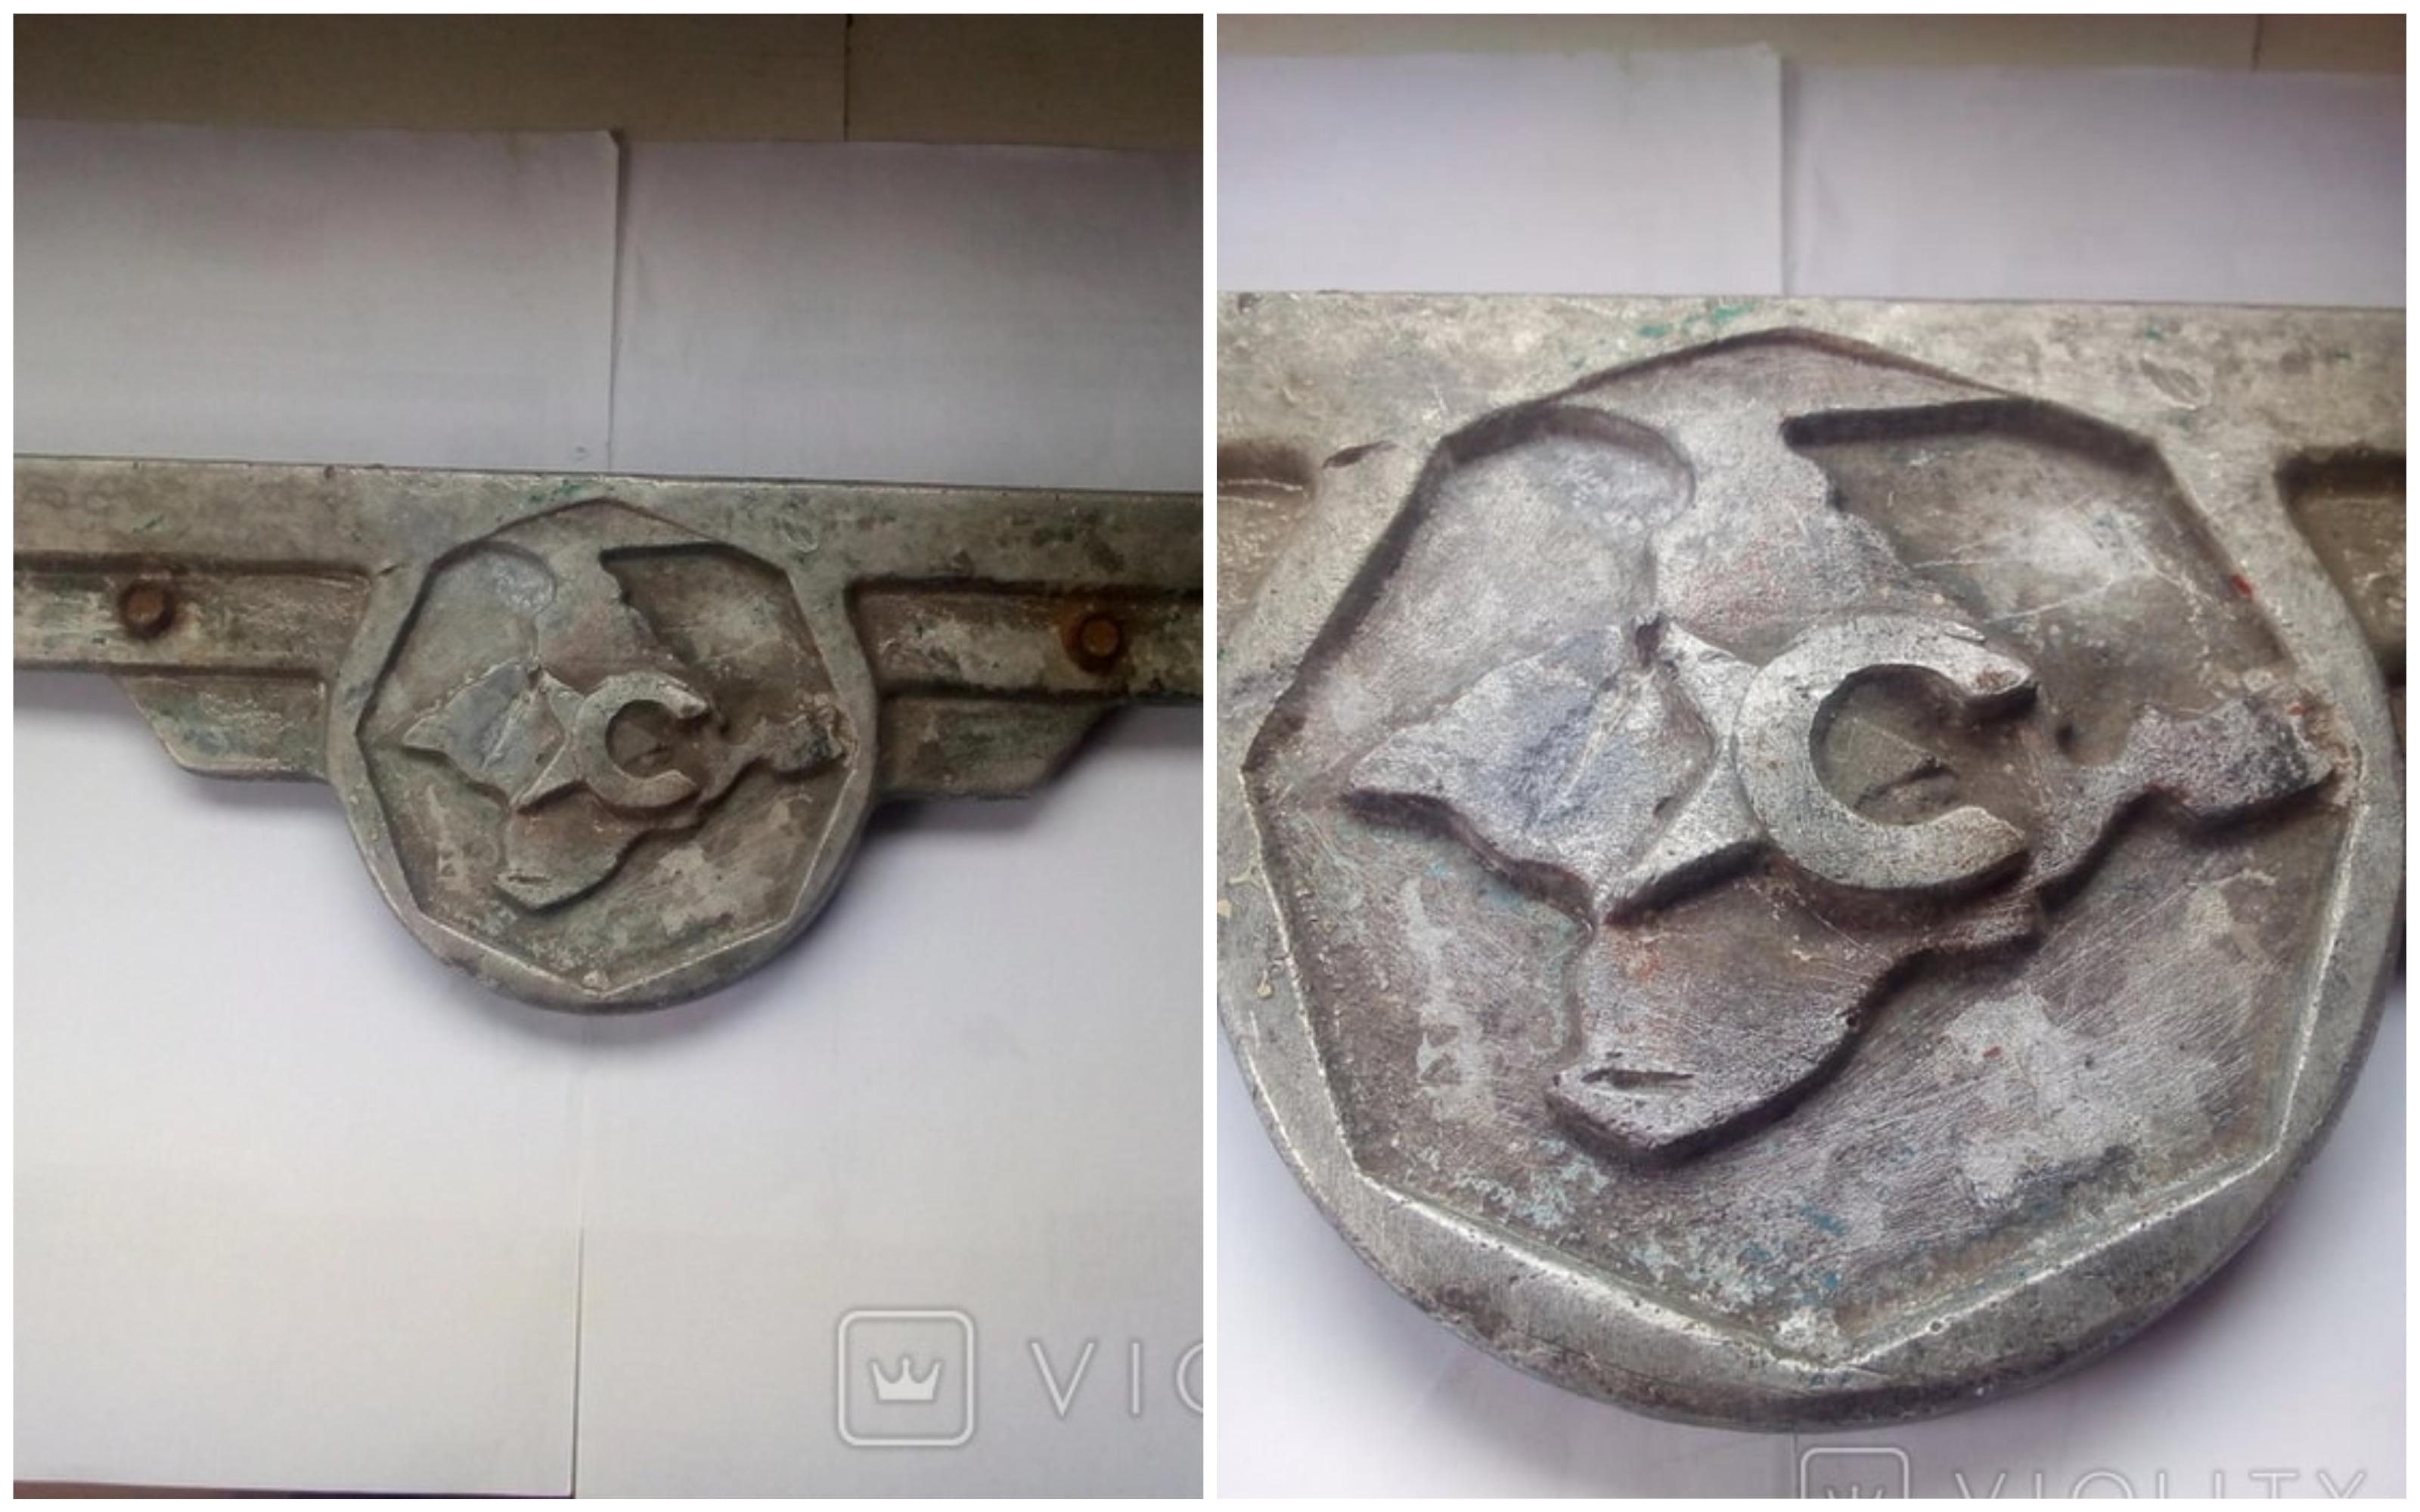 В сети показали автомобильную эмблему с изображением Крыма 2